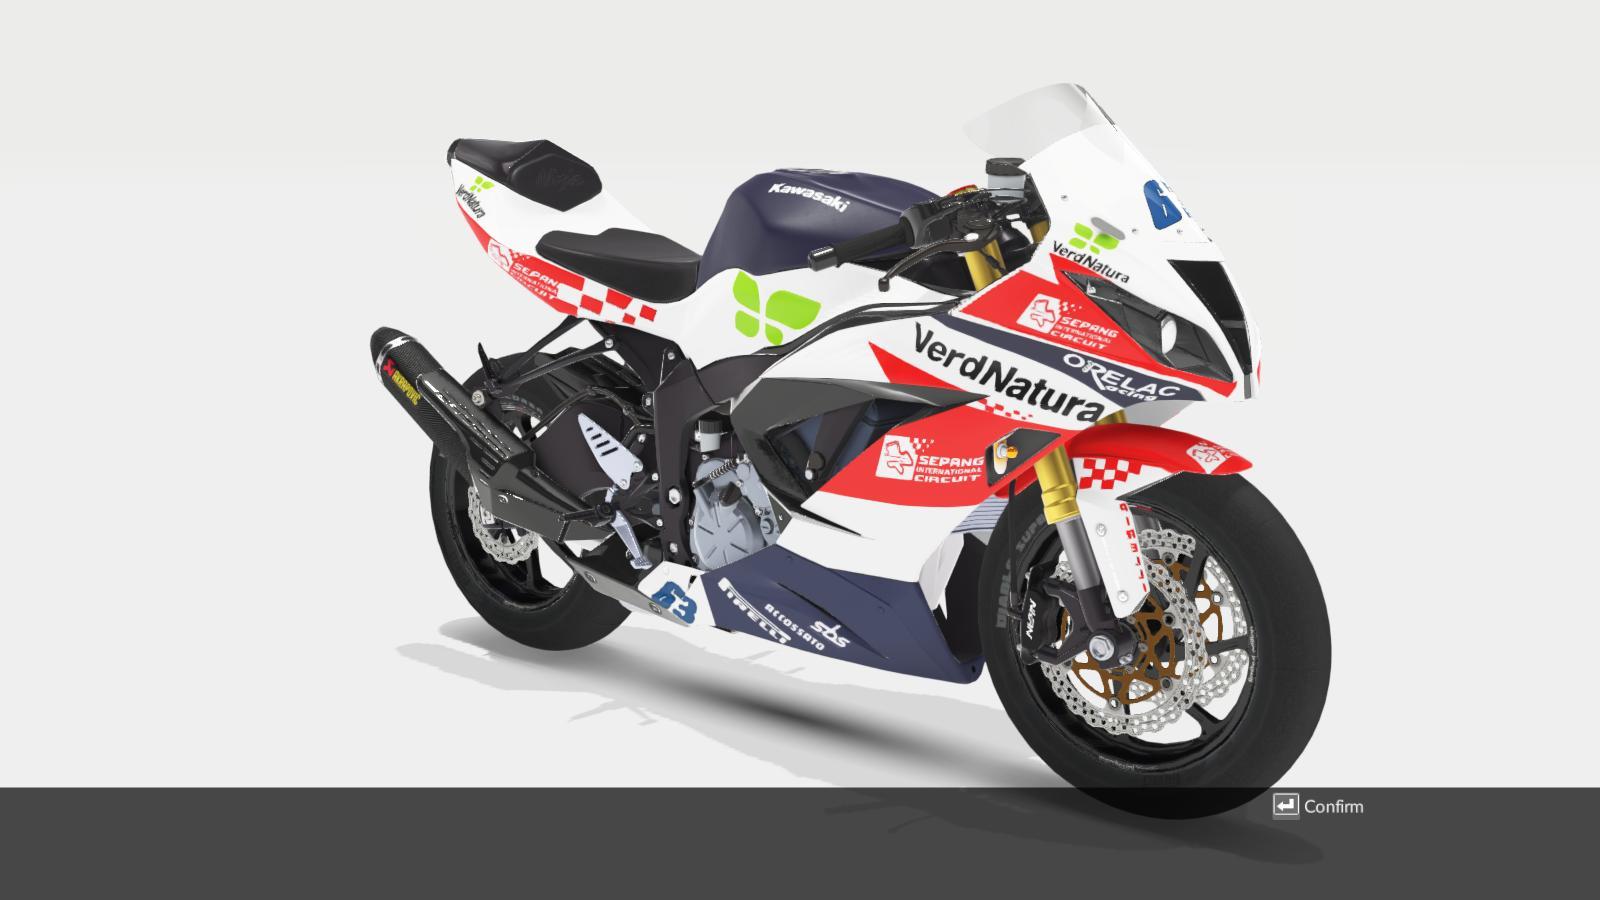 RideX64 2016-03-09 13-57-01-87.jpg